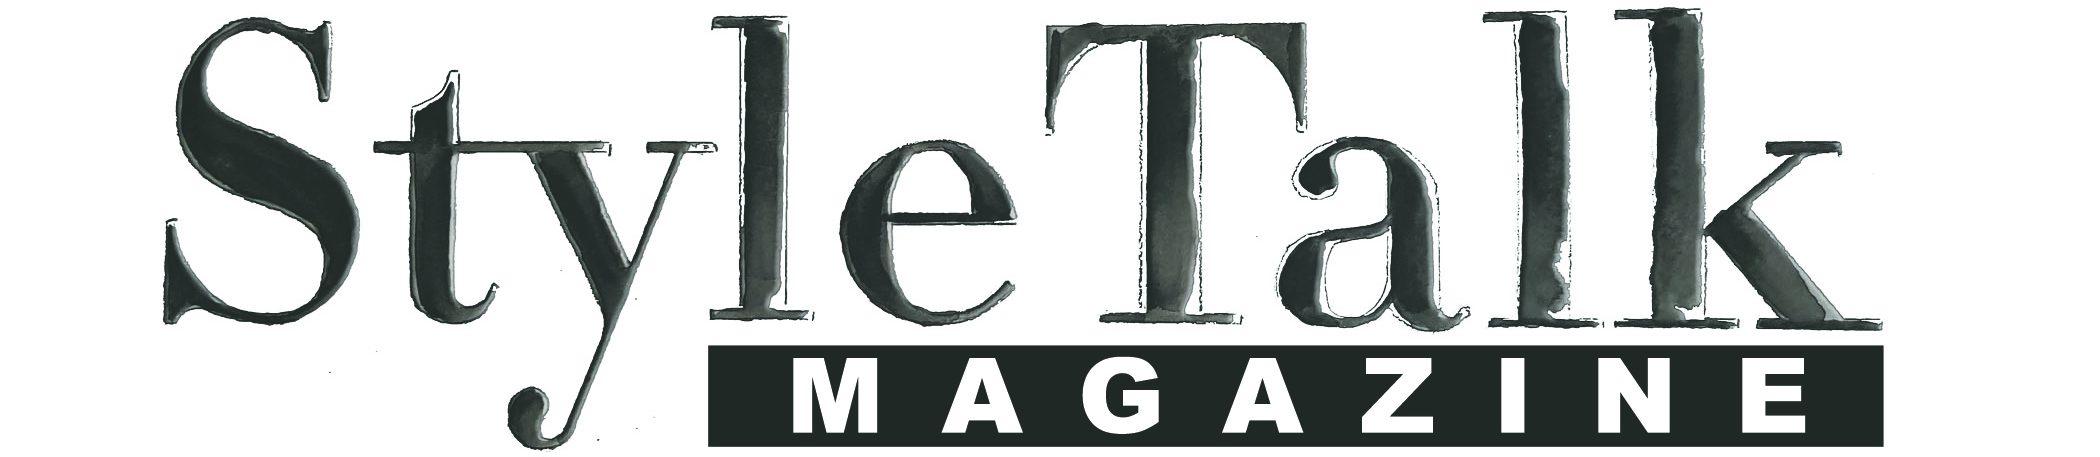 Styletalkmagazine